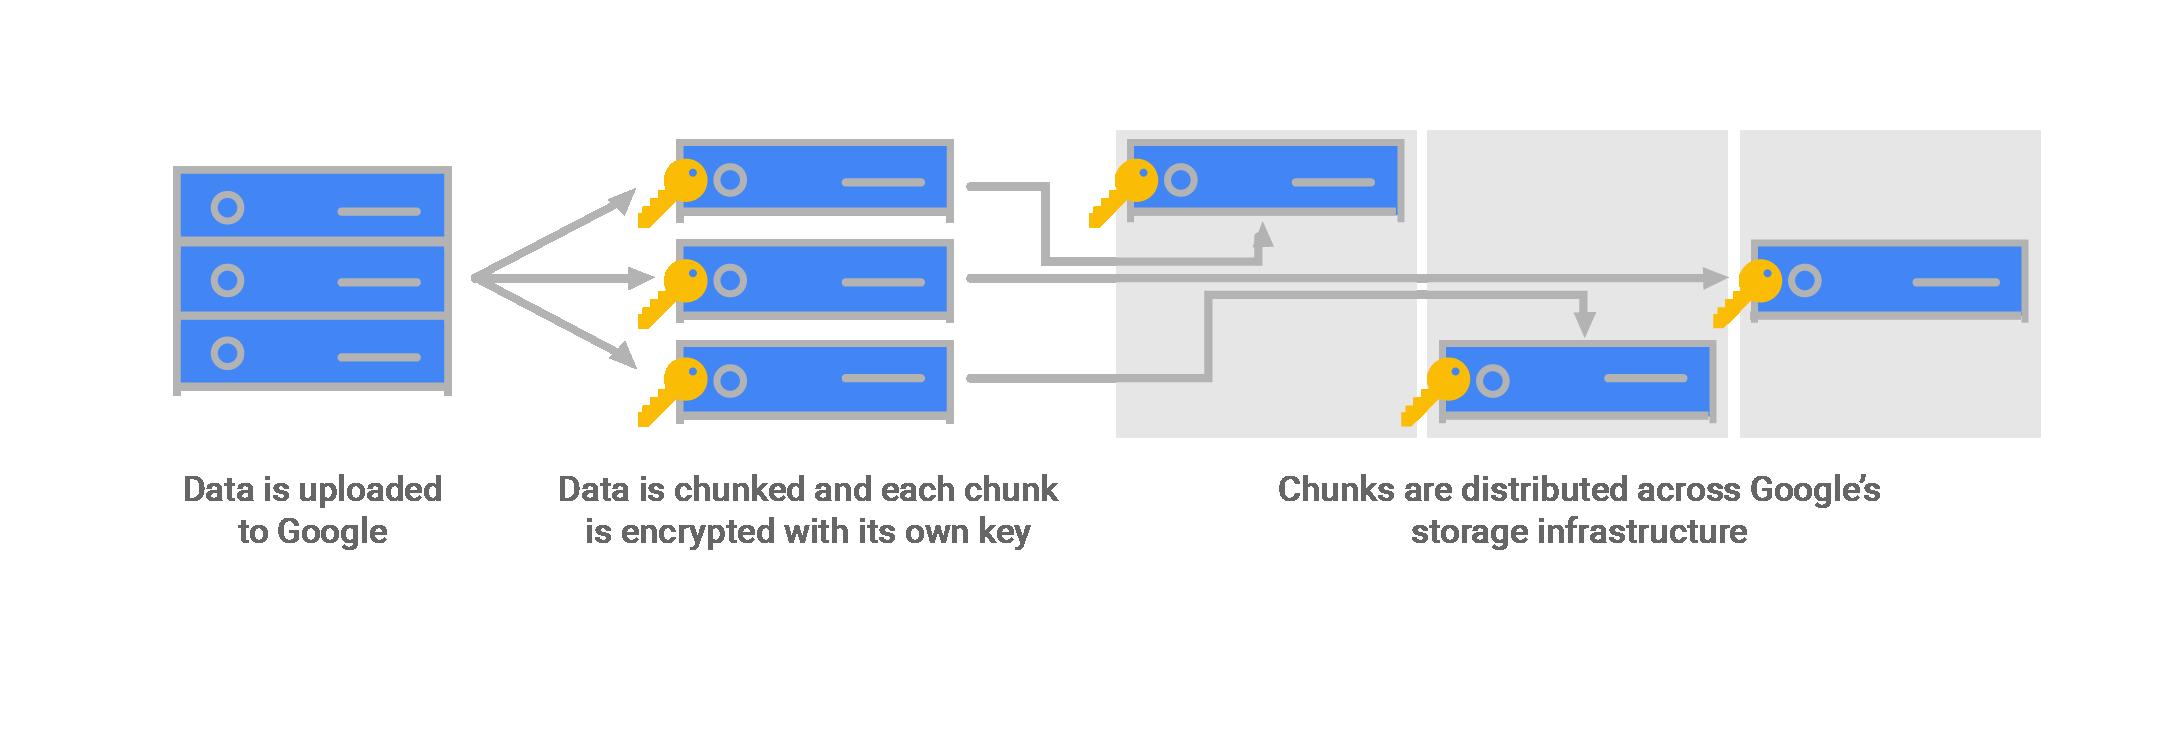 Diagrama de dados armazenados em blocos criptografados